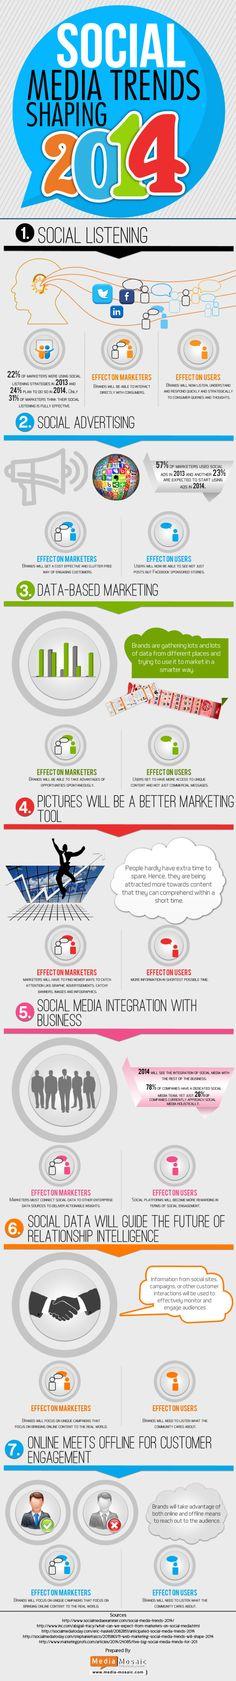 Social Media Trends Shaping 2014